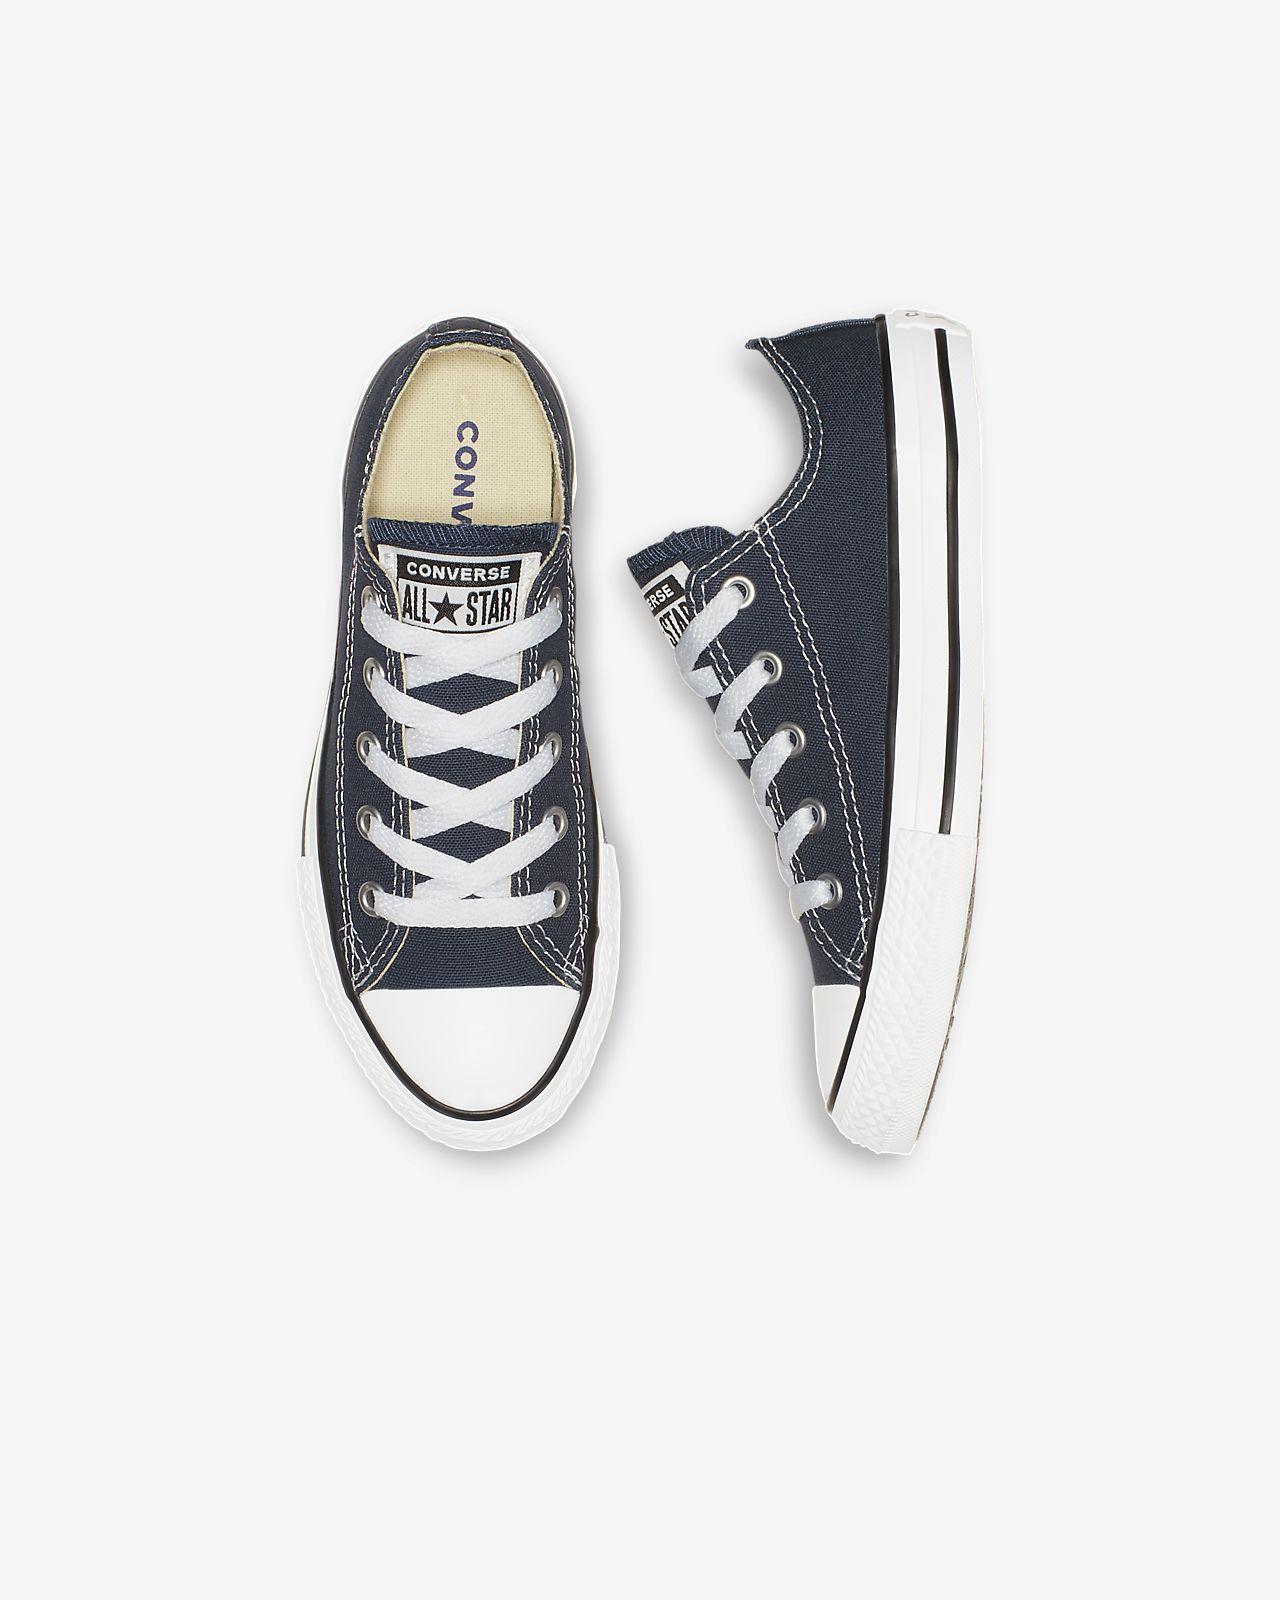 240d8cbc98e1 Converse Chuck Taylor All Star Low Top (10.5c-3y) Little Kids  Shoe ...